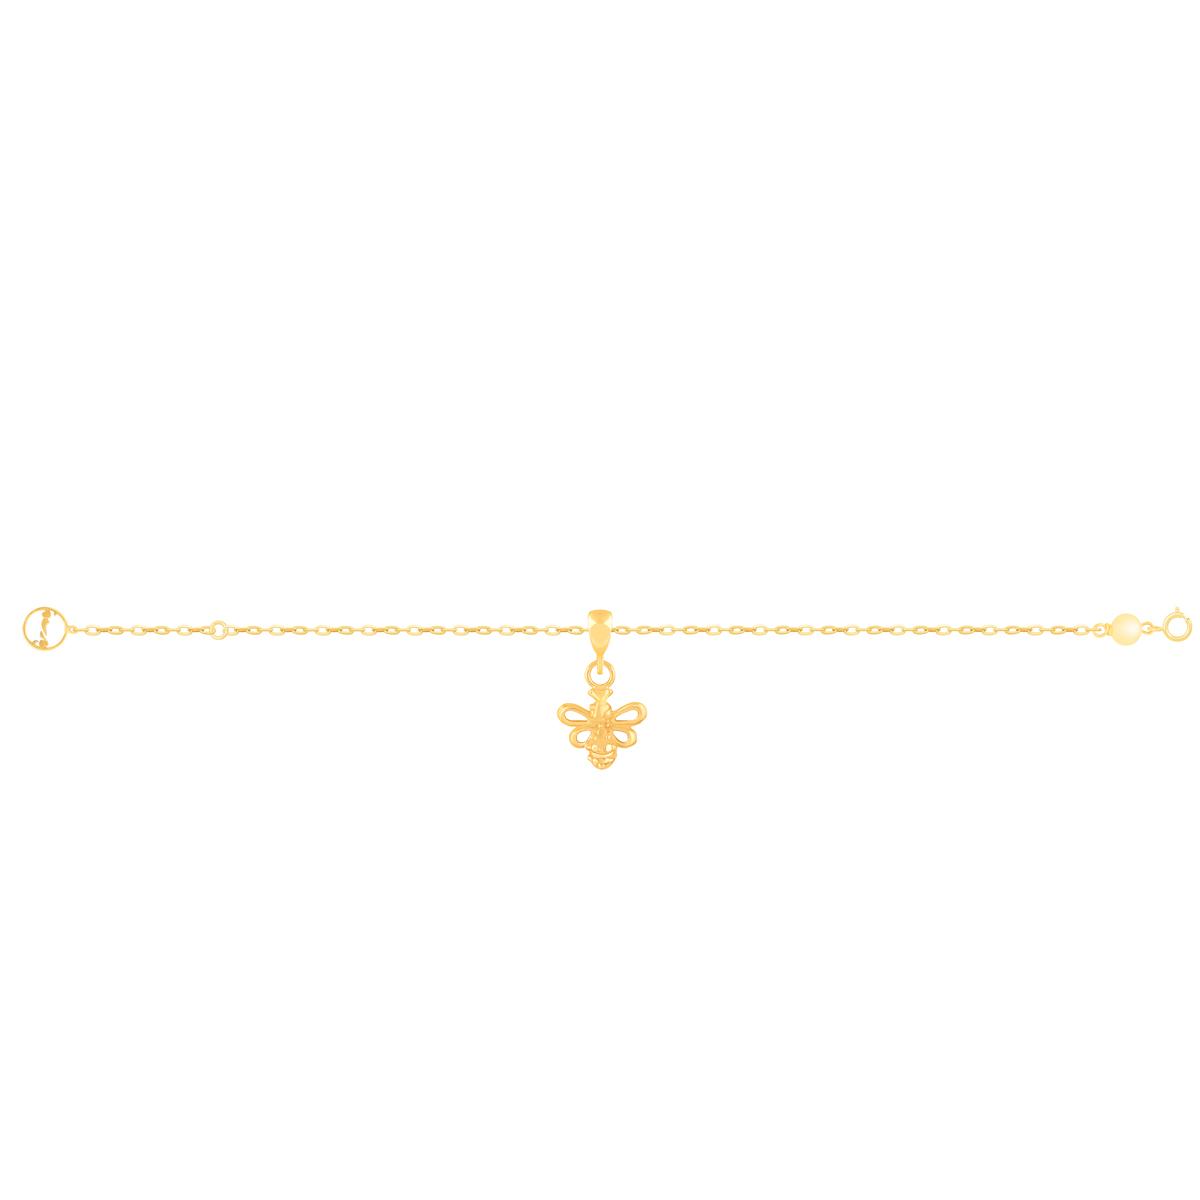 دستبند طلا زنبور